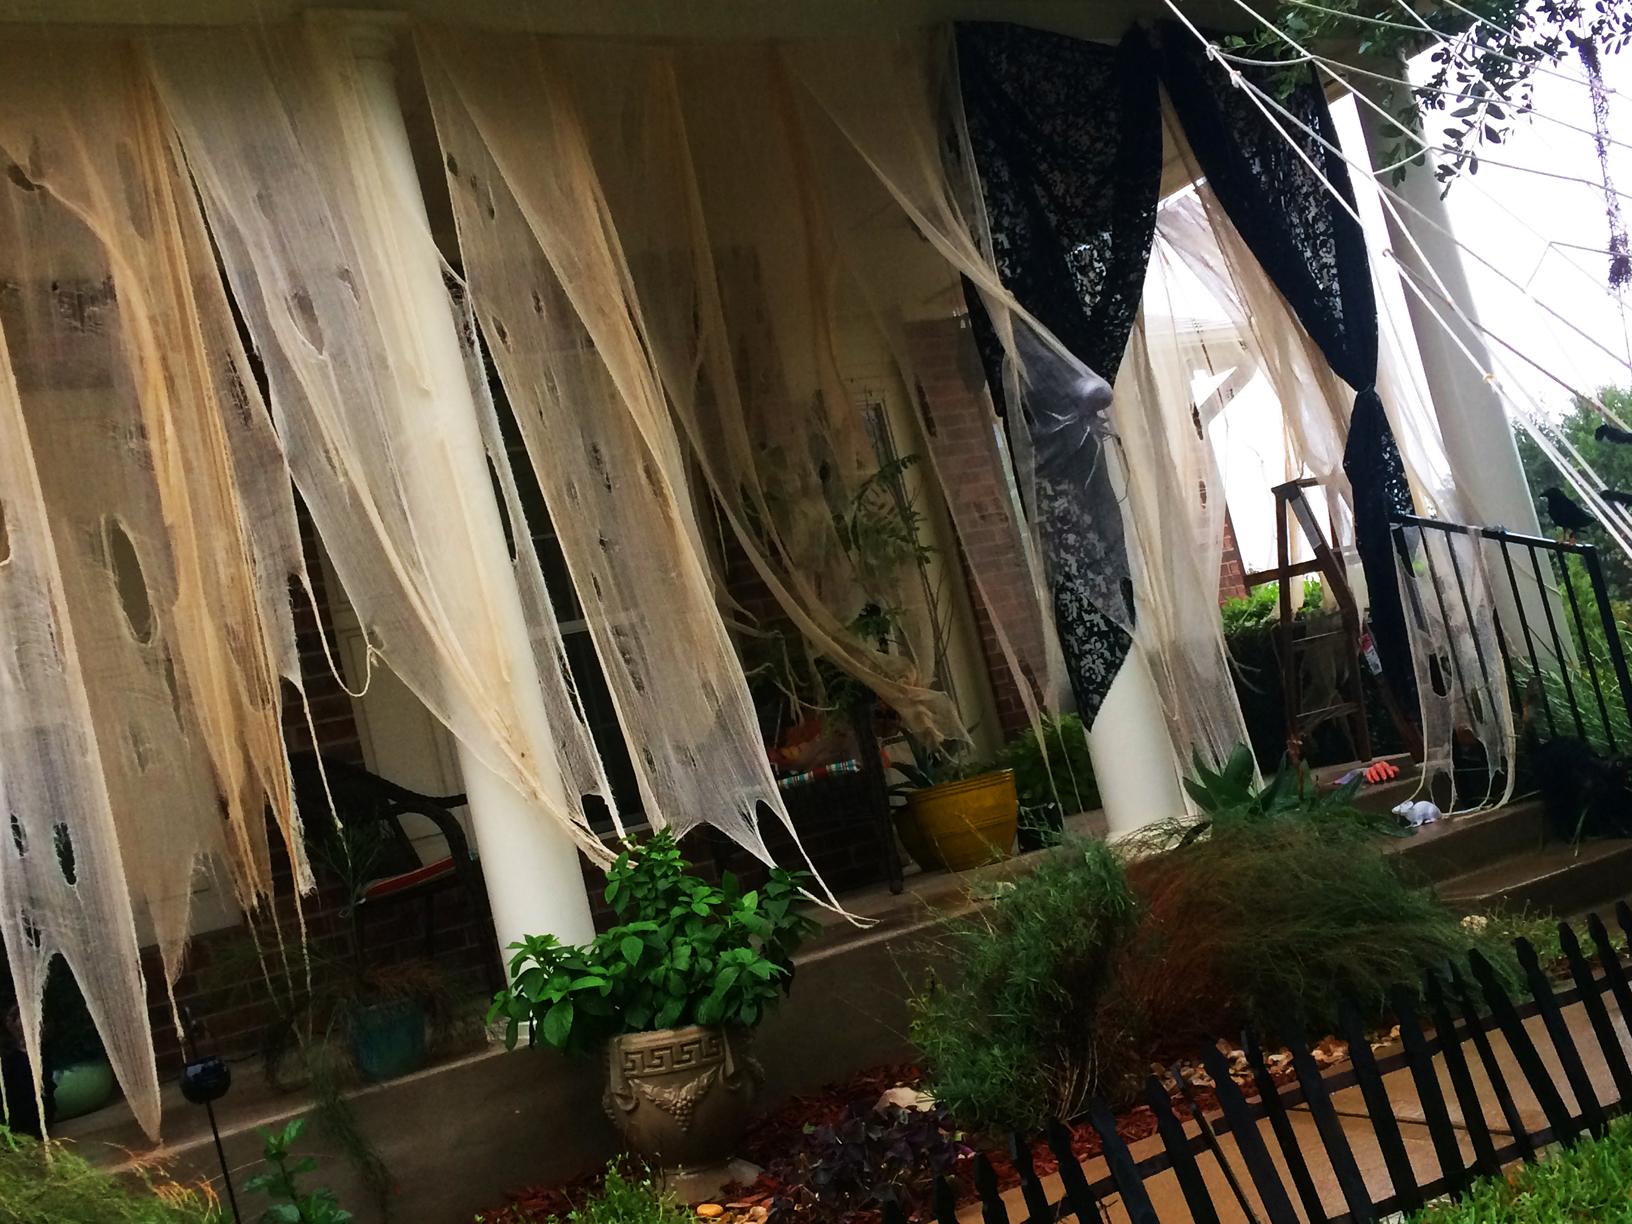 Diy creepy halloween curtains home style austin how to make creepy halloween curtains solutioingenieria Choice Image